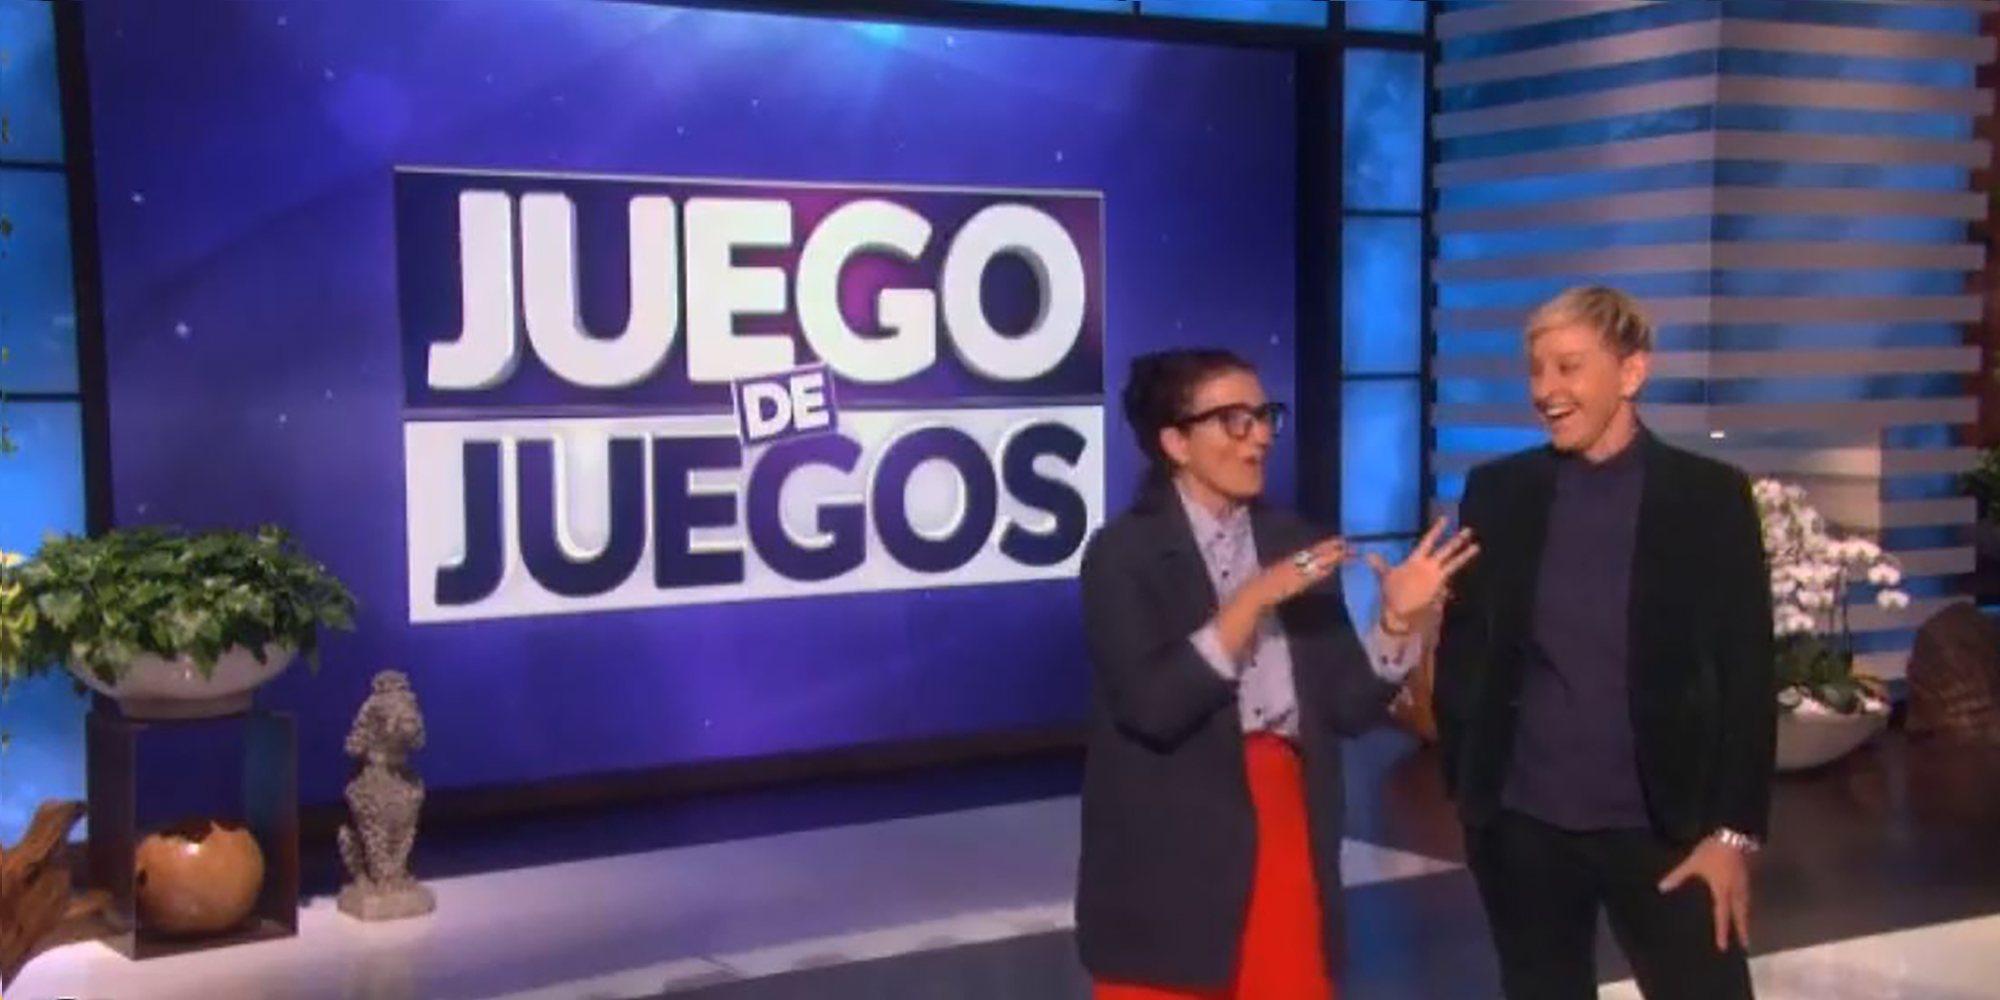 Así fue la visita de Silvia Abril a Ellen DeGeneres para promocionar 'Juego de Juegos'